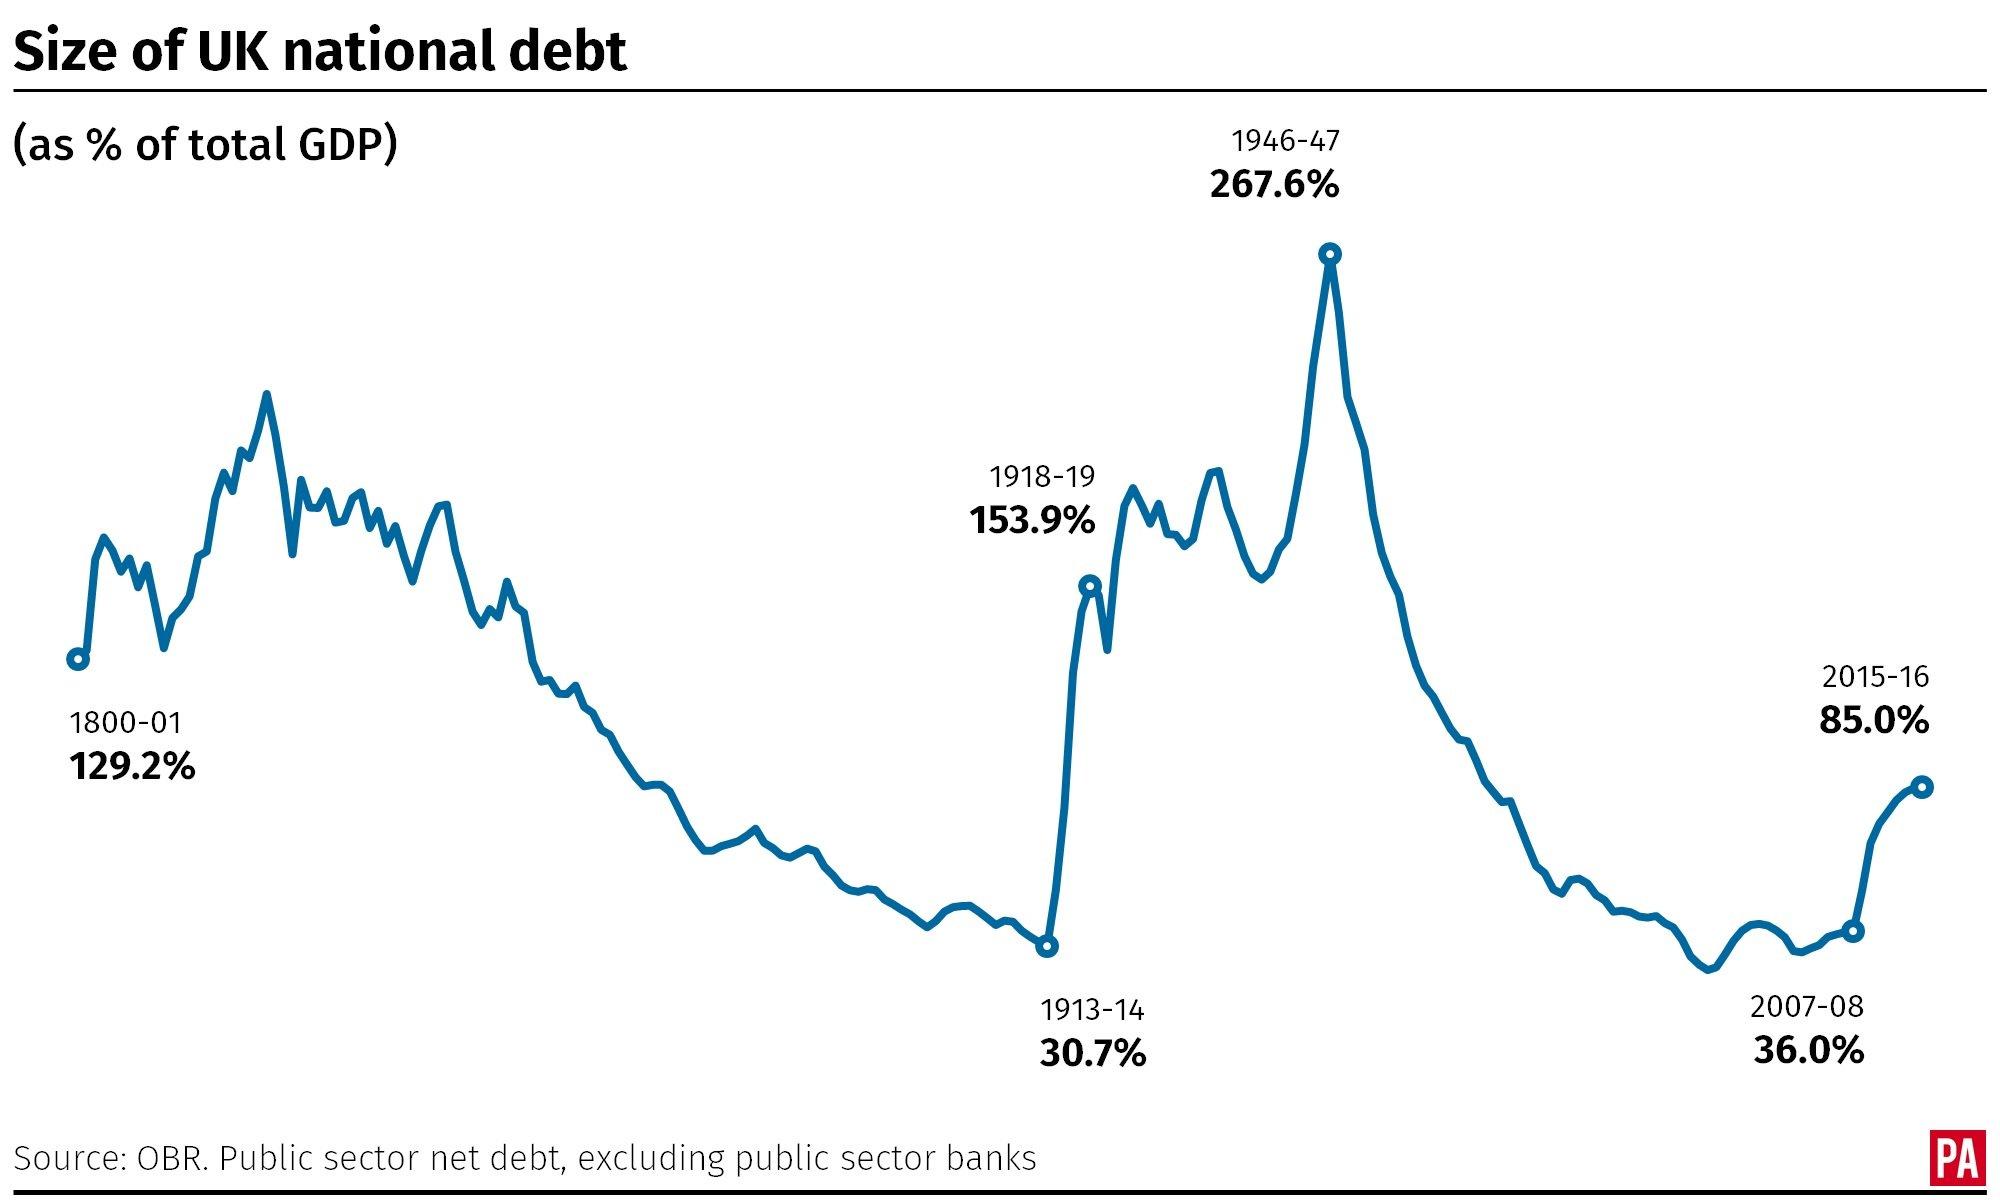 UK National Debt since 1800